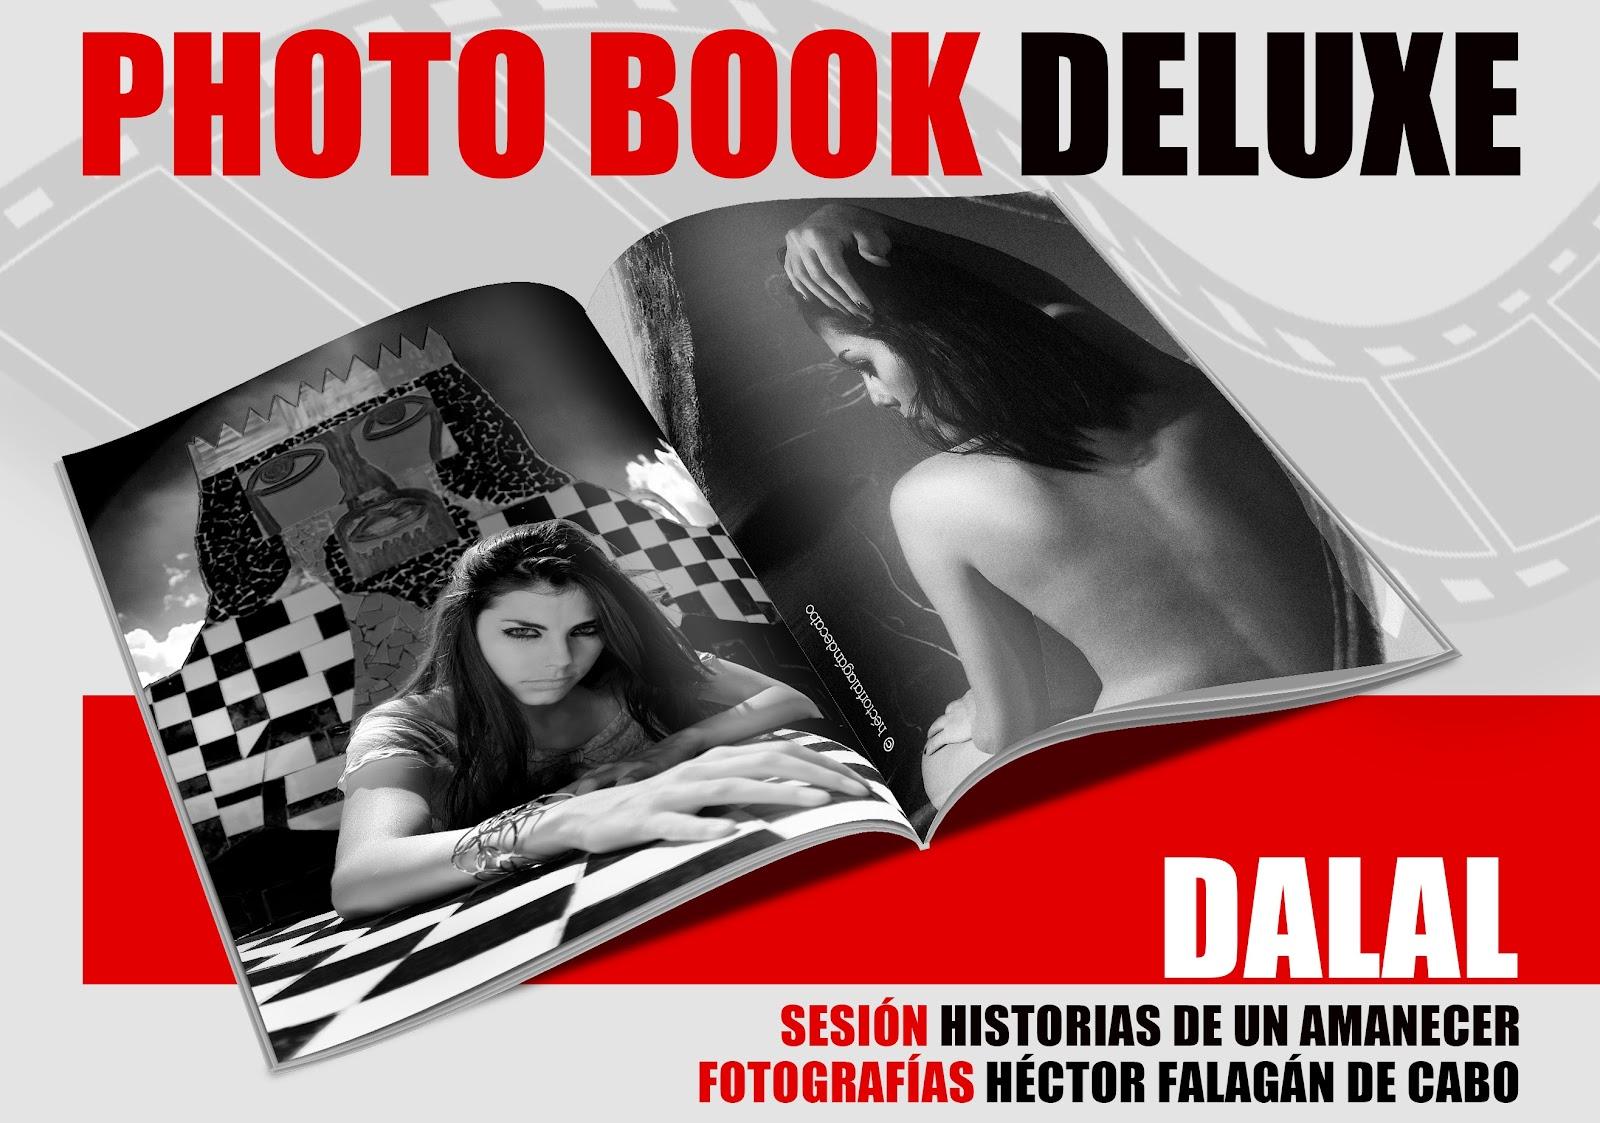 Fotografía Modelos Habana. Dalal: Historias de un amanecer. Héctor Falagán De Cabo | hfilms & photography. La Habana, Cuba.